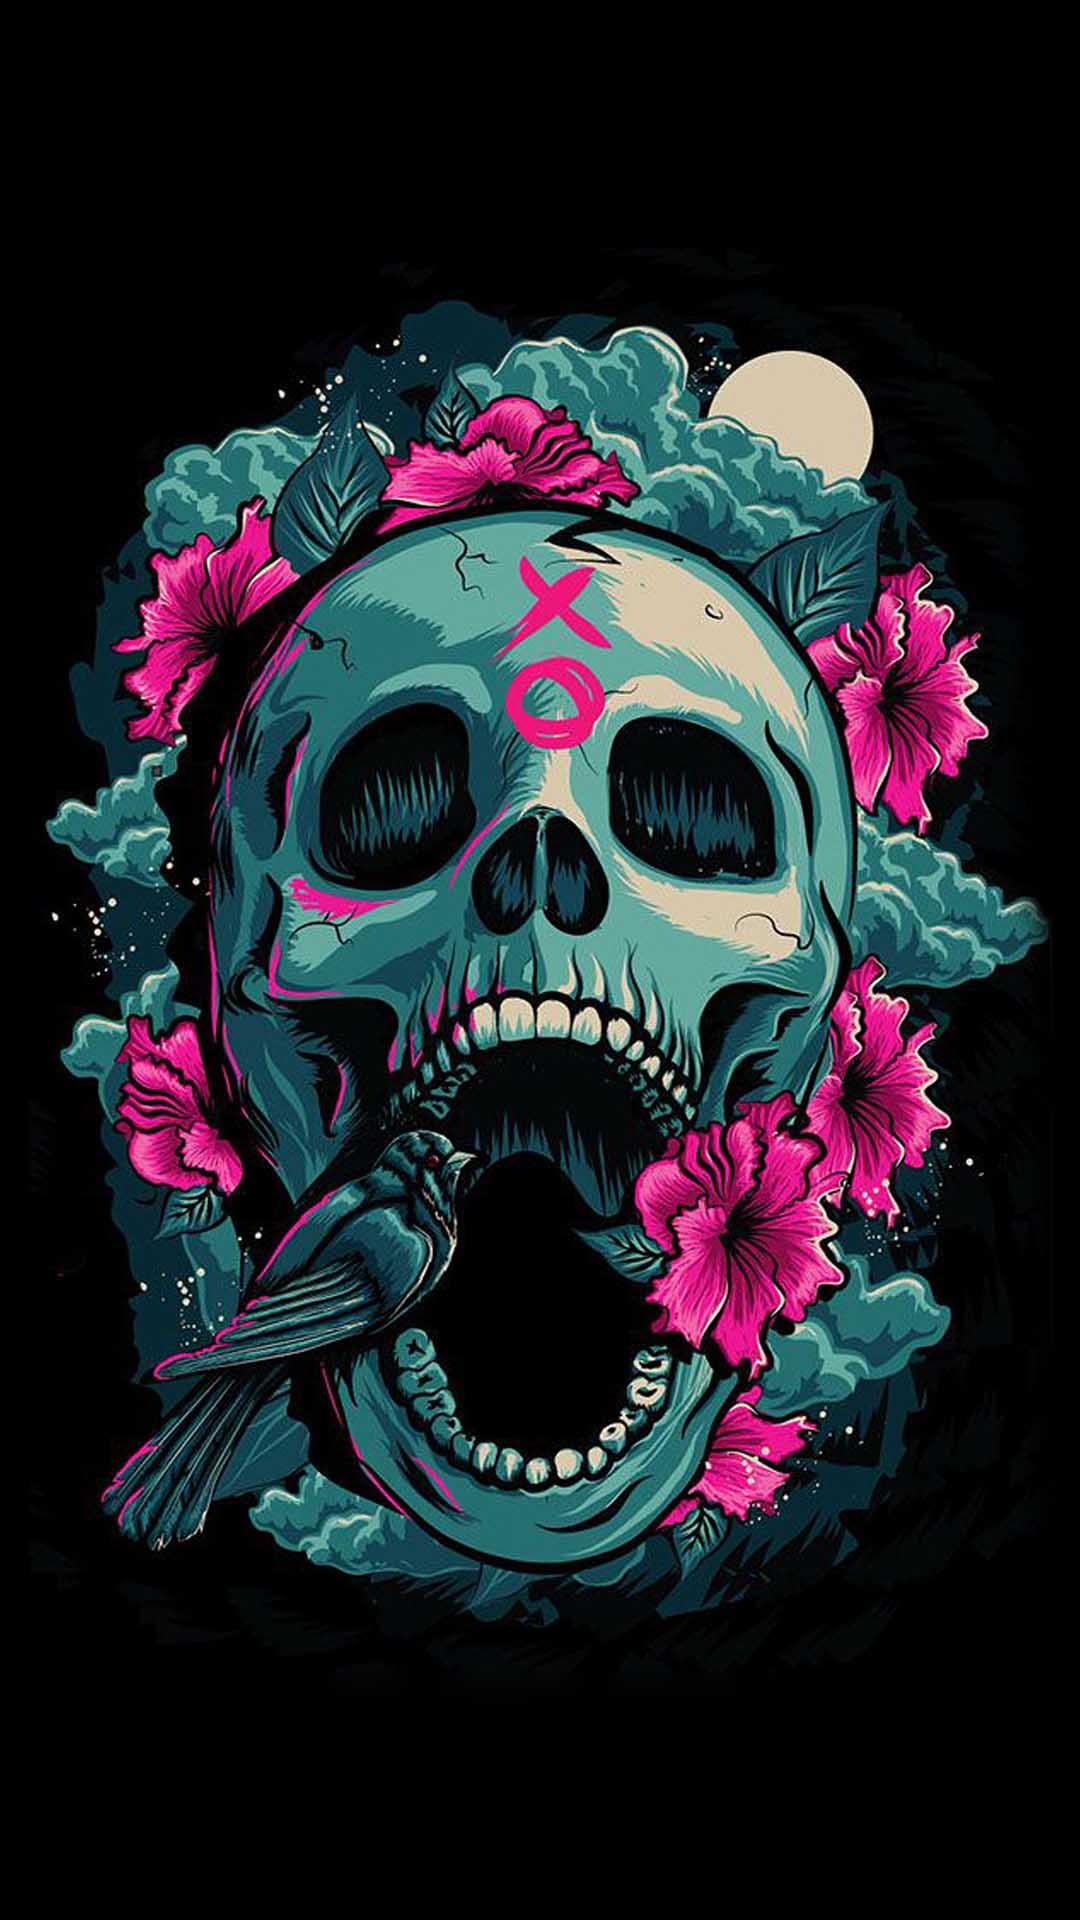 iPhone wallpaper skull flowers Skull